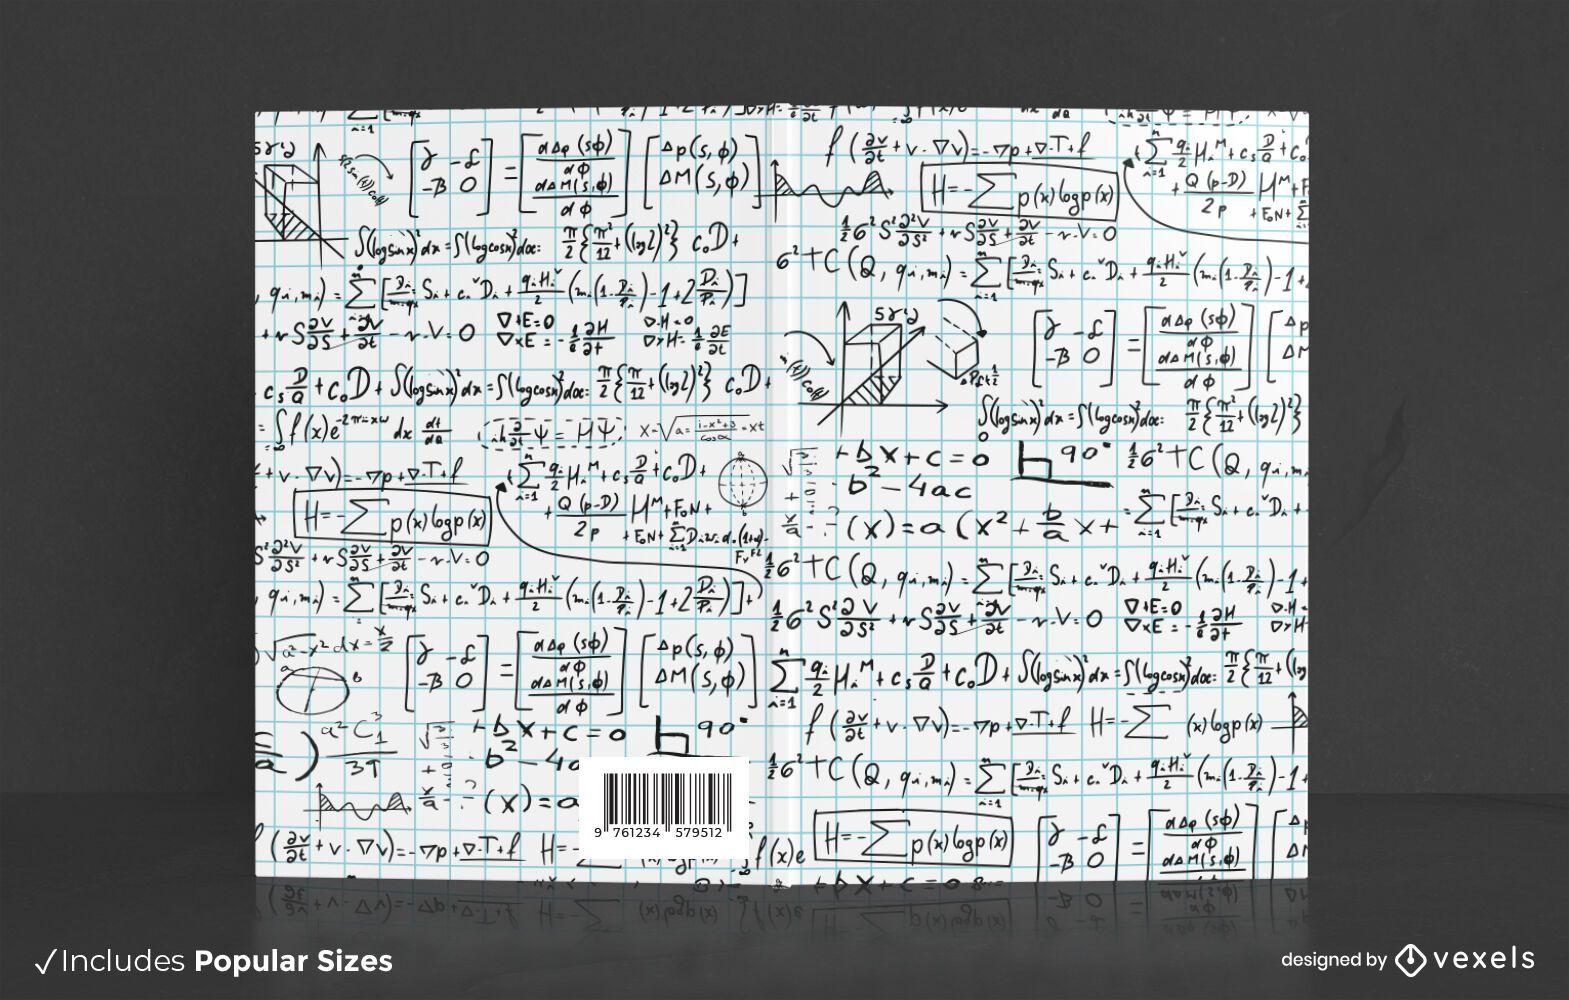 Diseño de portada de libro de símbolos matemáticos